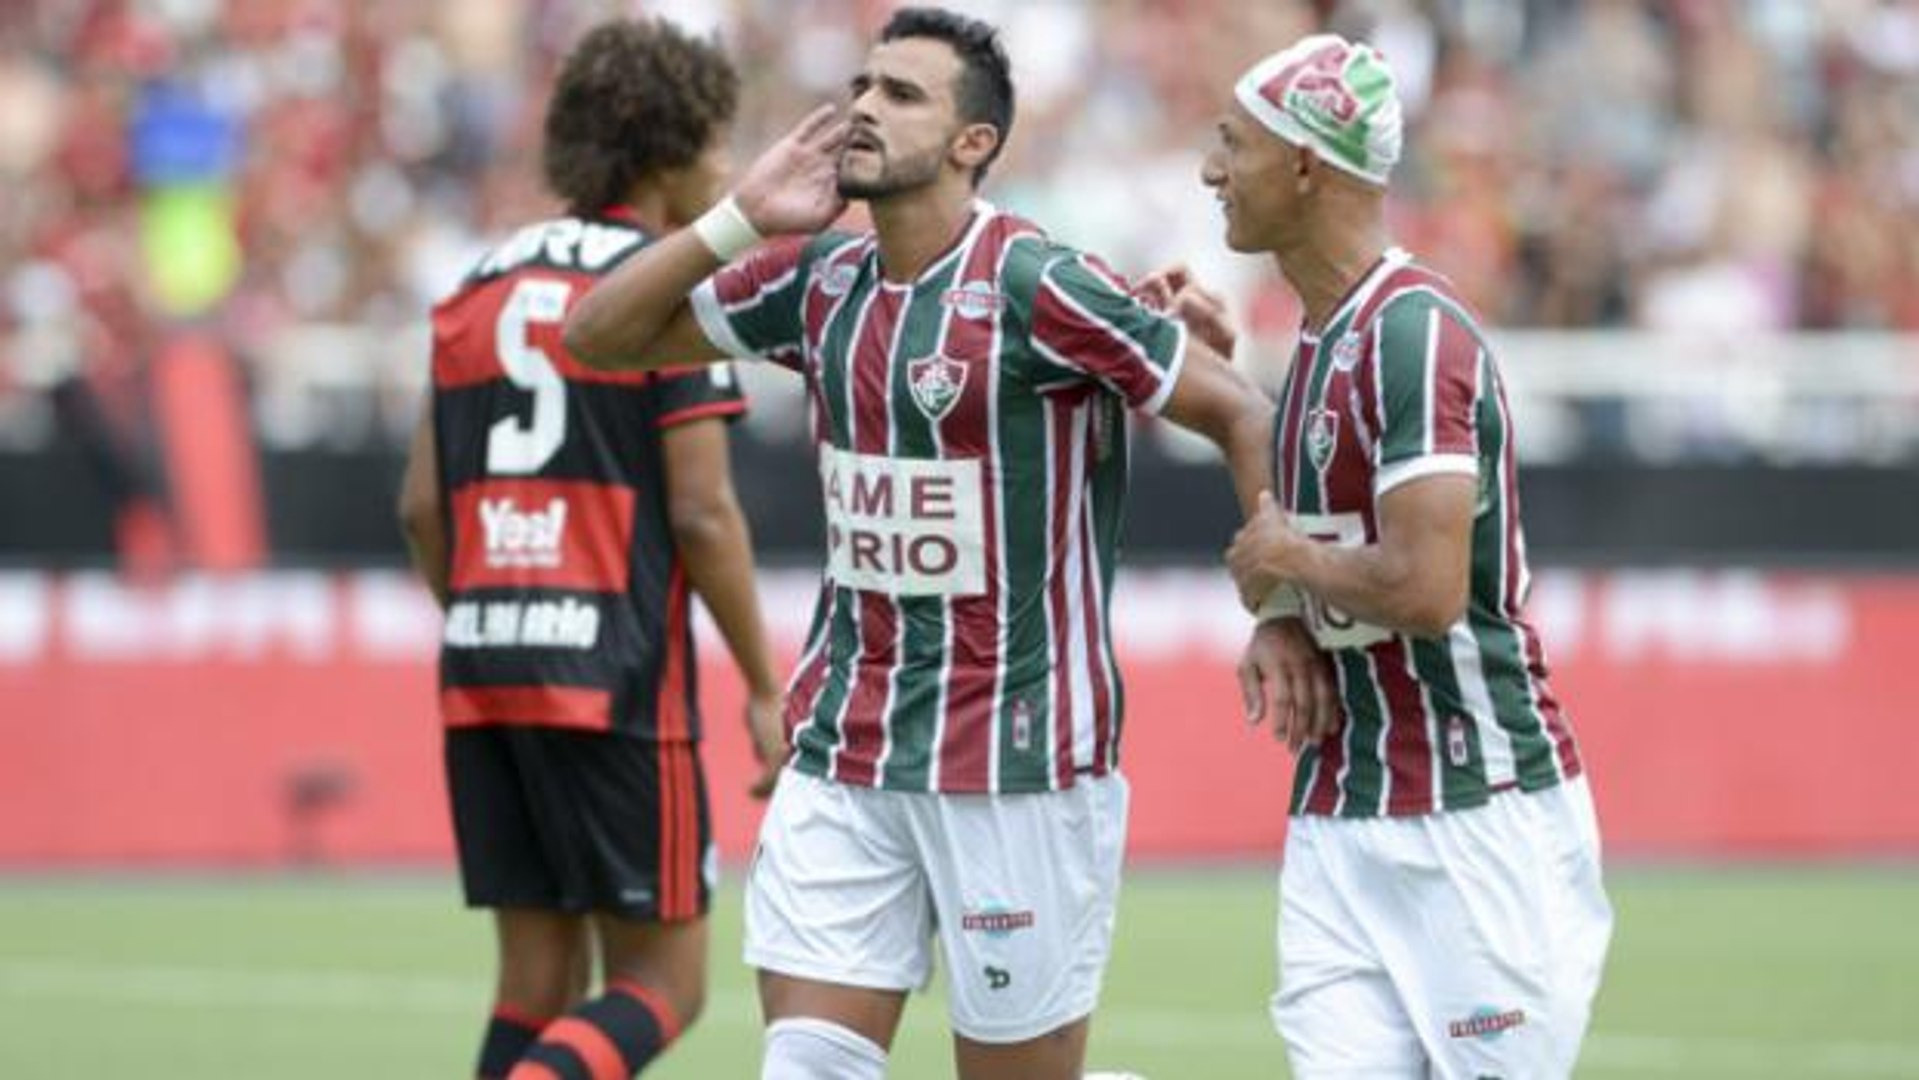 Nos pênaltis, Fluminense vence Flamengo e é campeão da Taça Guanabara